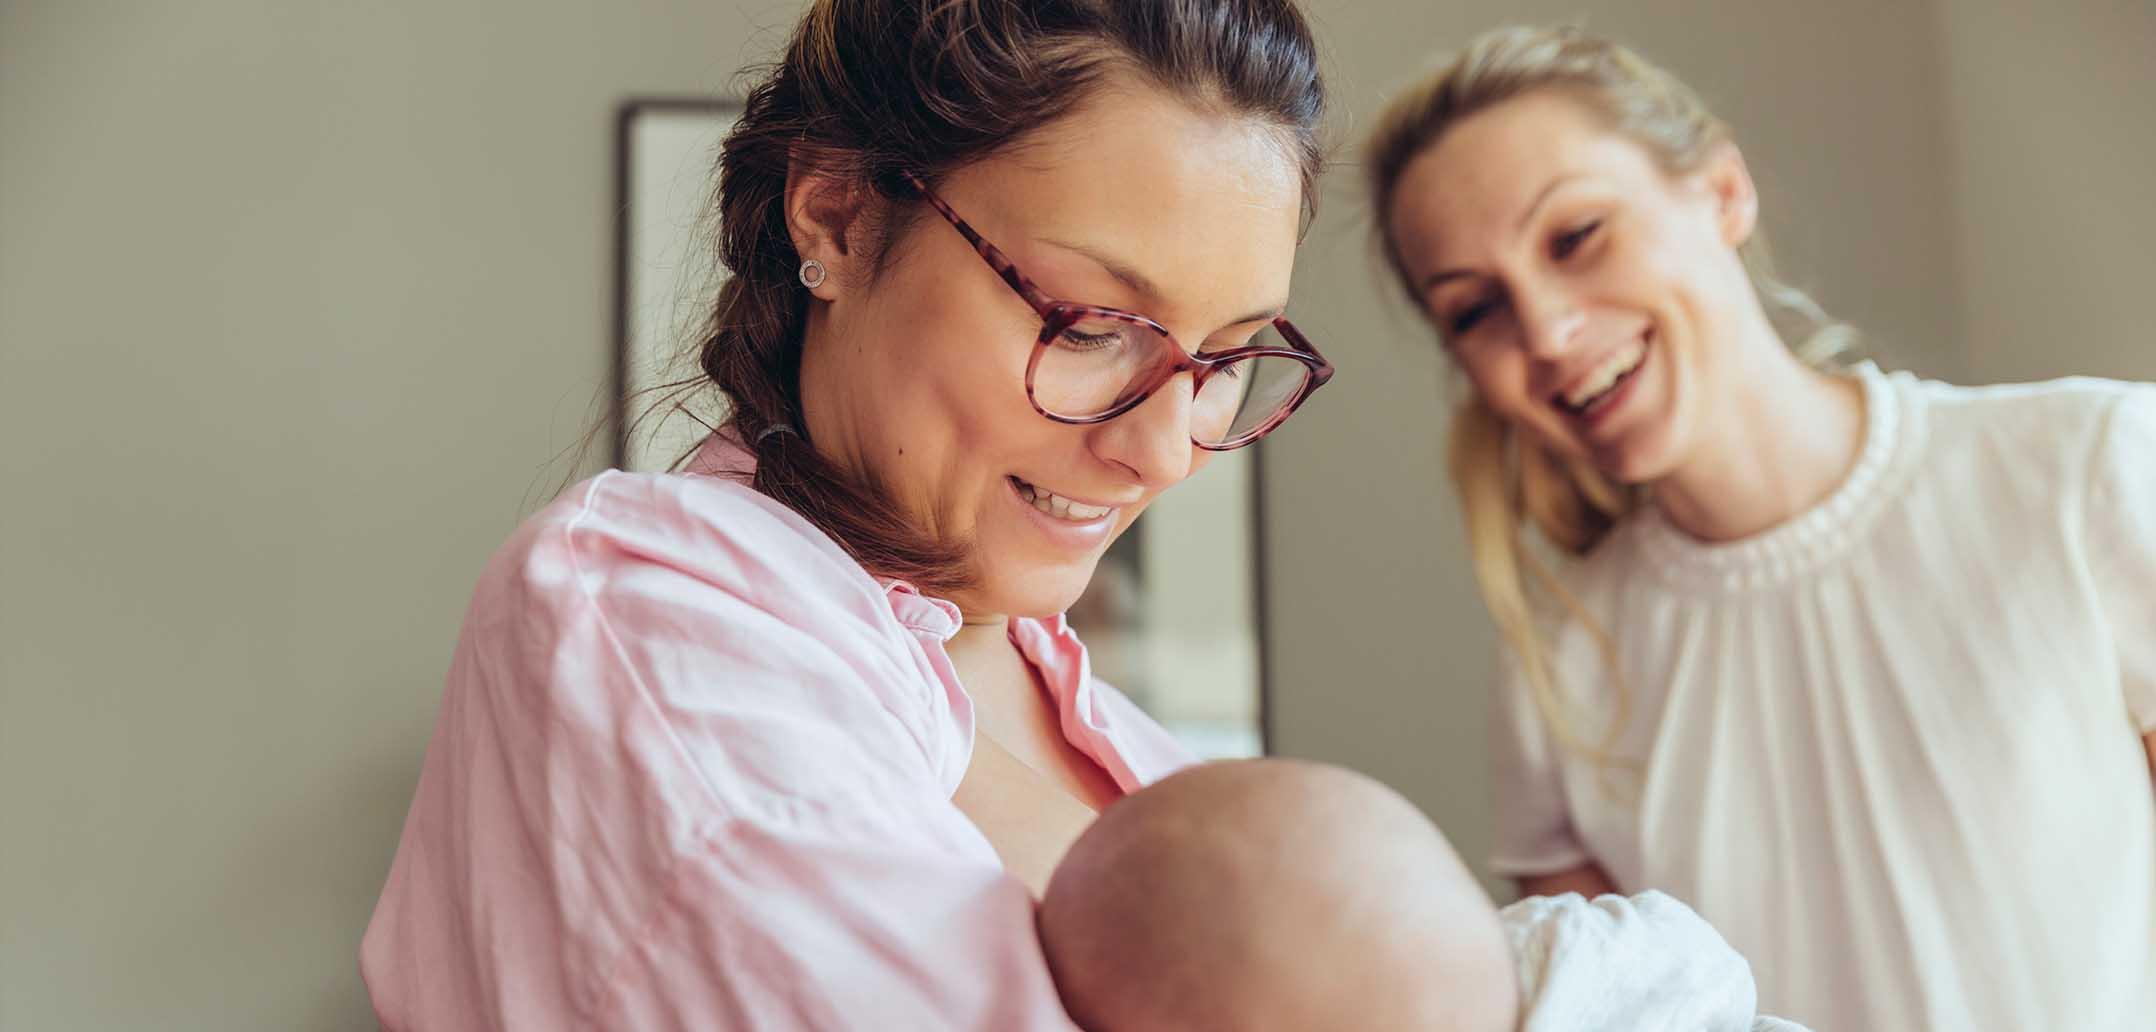 Eine Hebamme kann vielen Schwangeren helfen, sich in die neue Mama-Rolle einzufinden